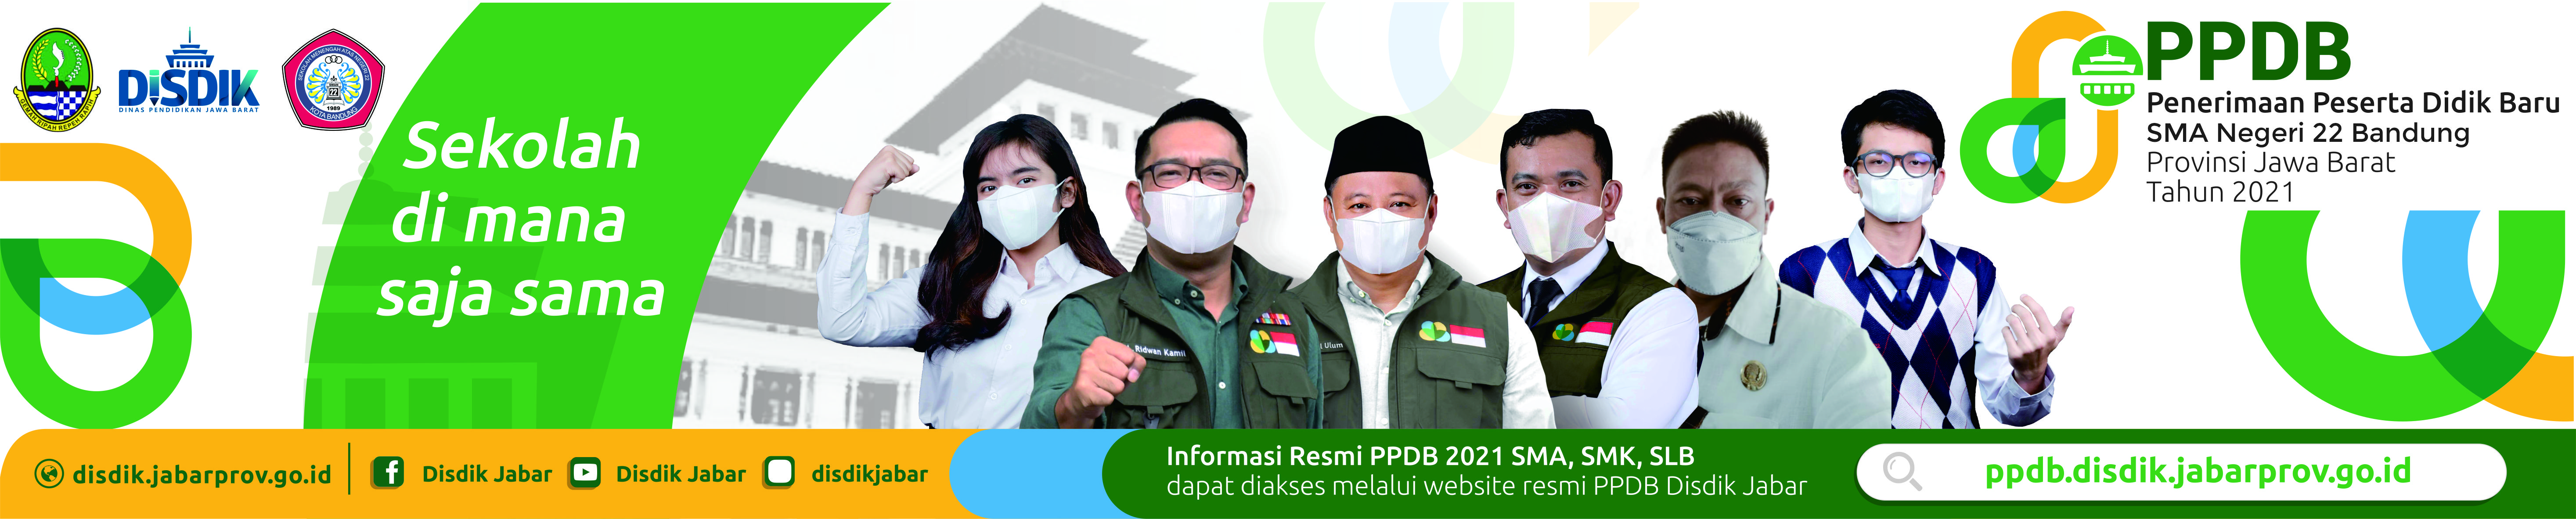 PPDB SMAN 22 BANDUNG 2021